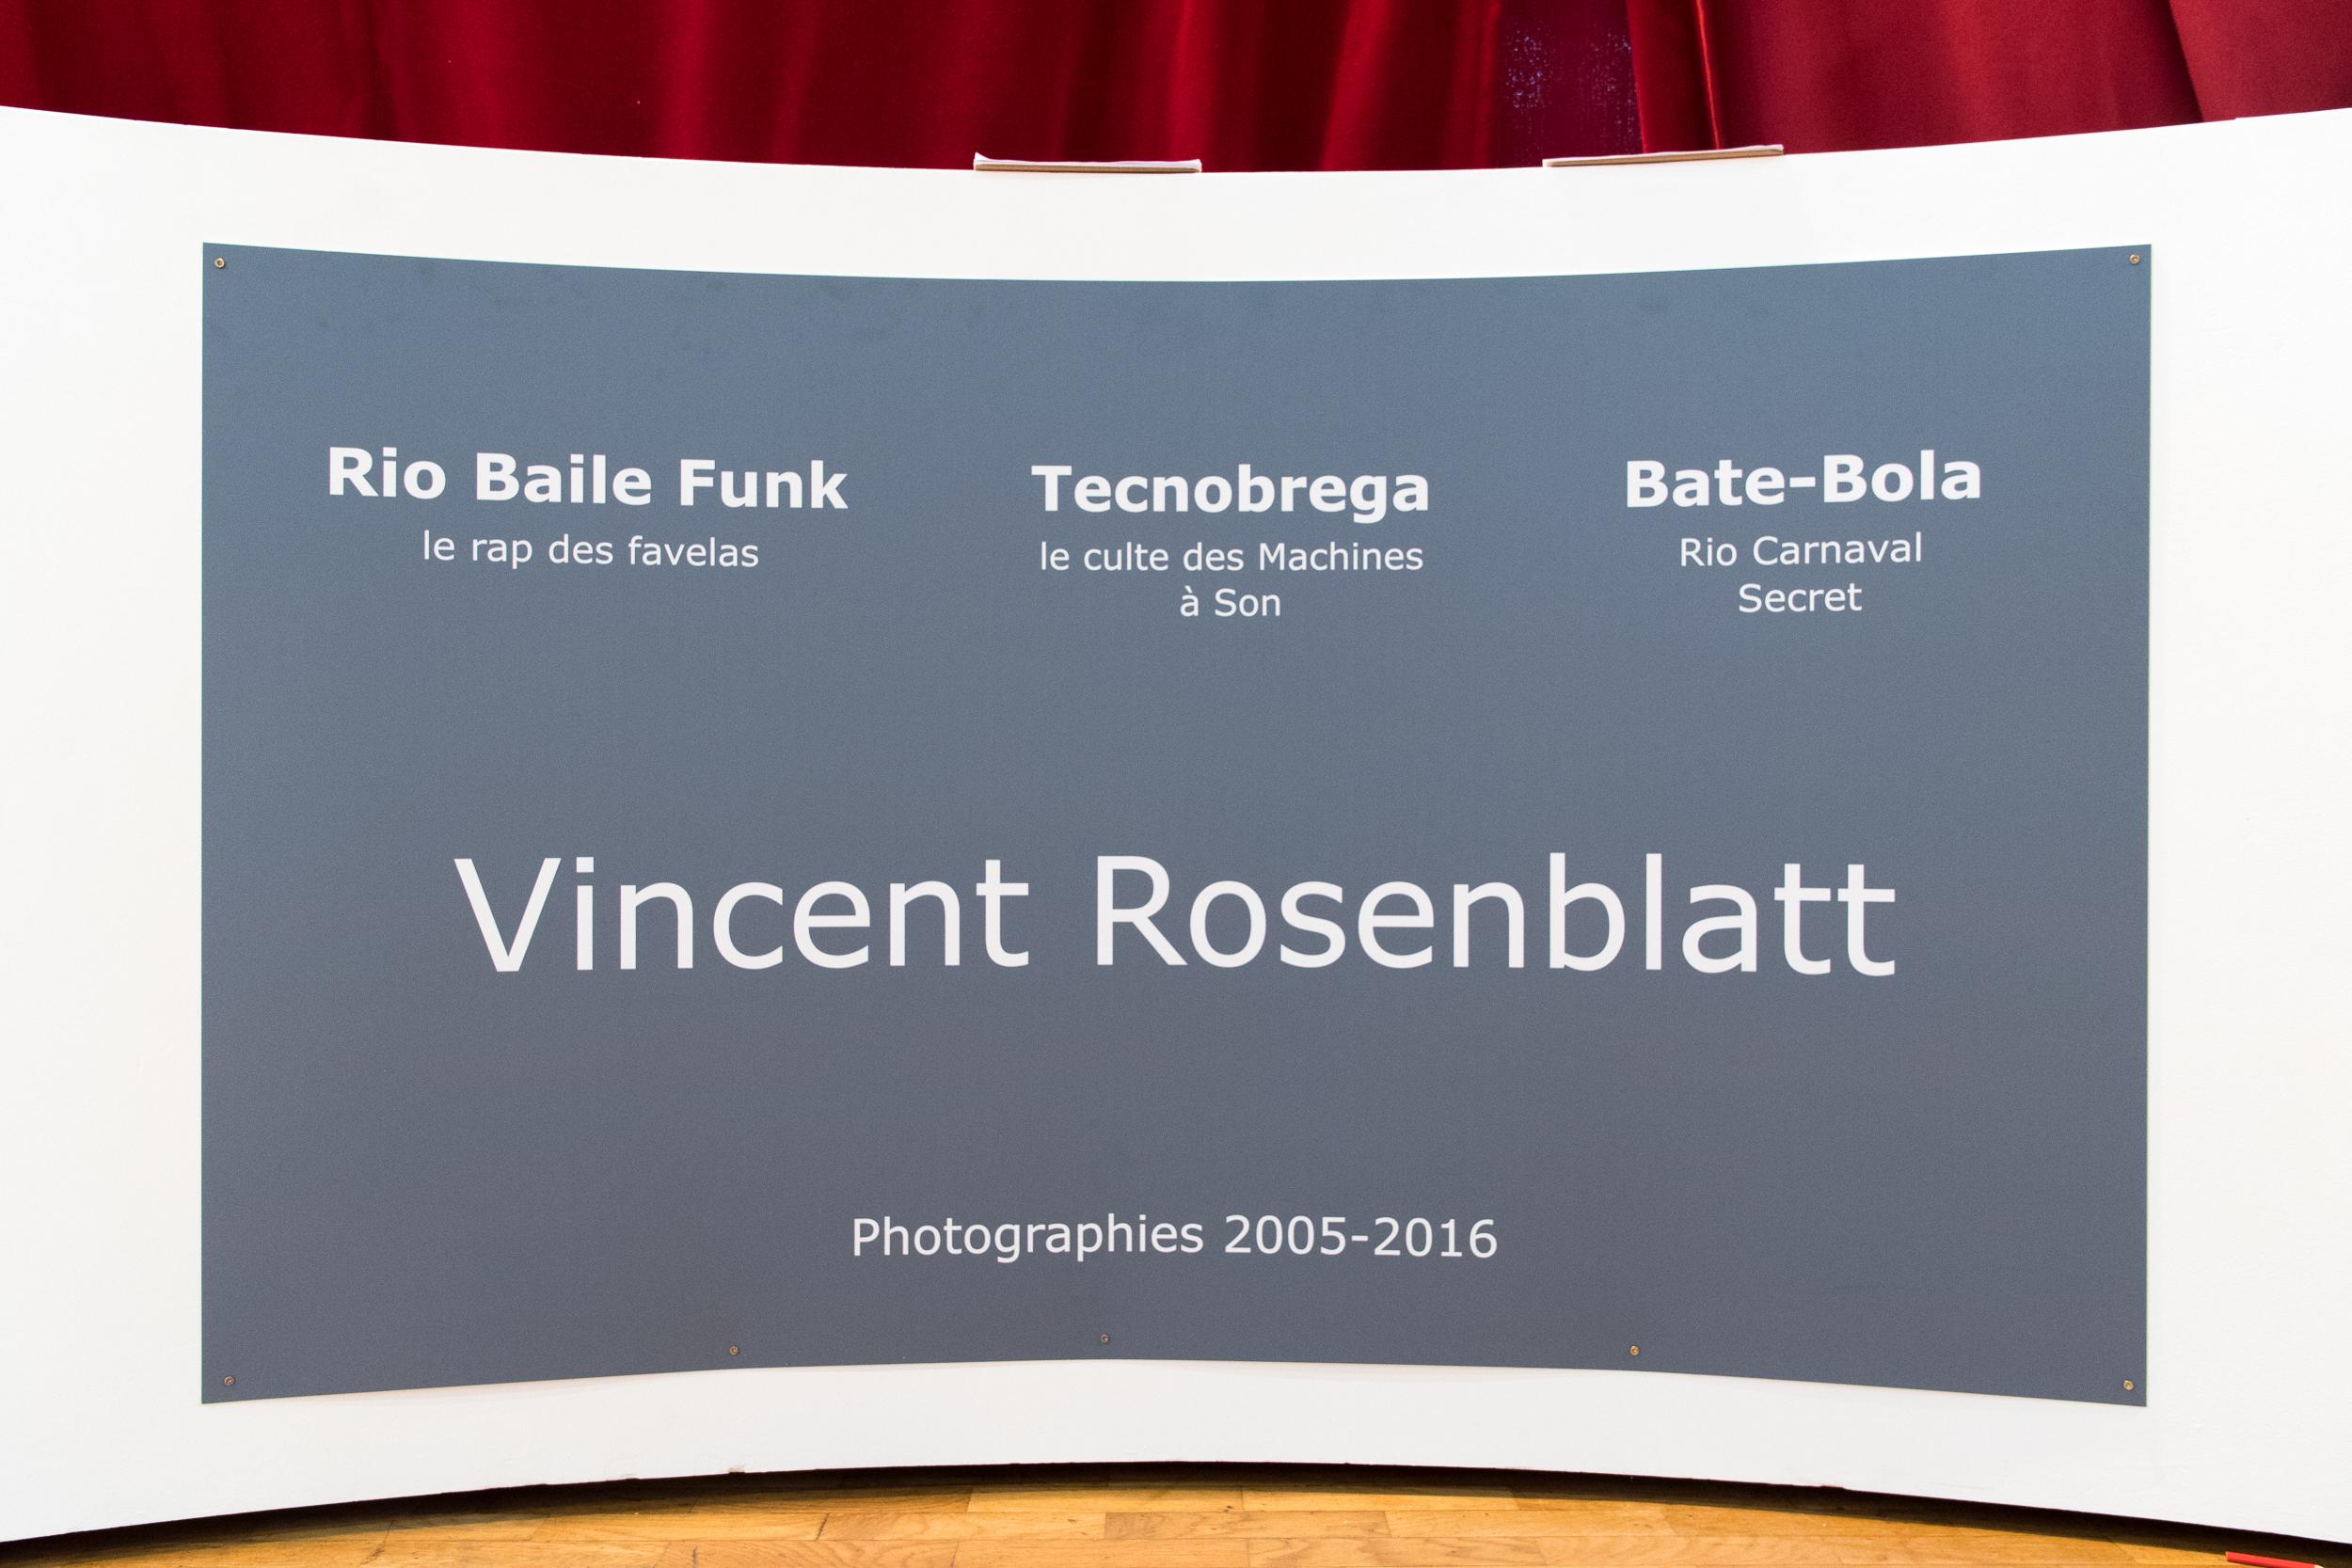 Exposition Vincent Rosenblatt à l'Espace Michel Simon - 19 au 26 Novembre 2016 à Noisy-le-Grand